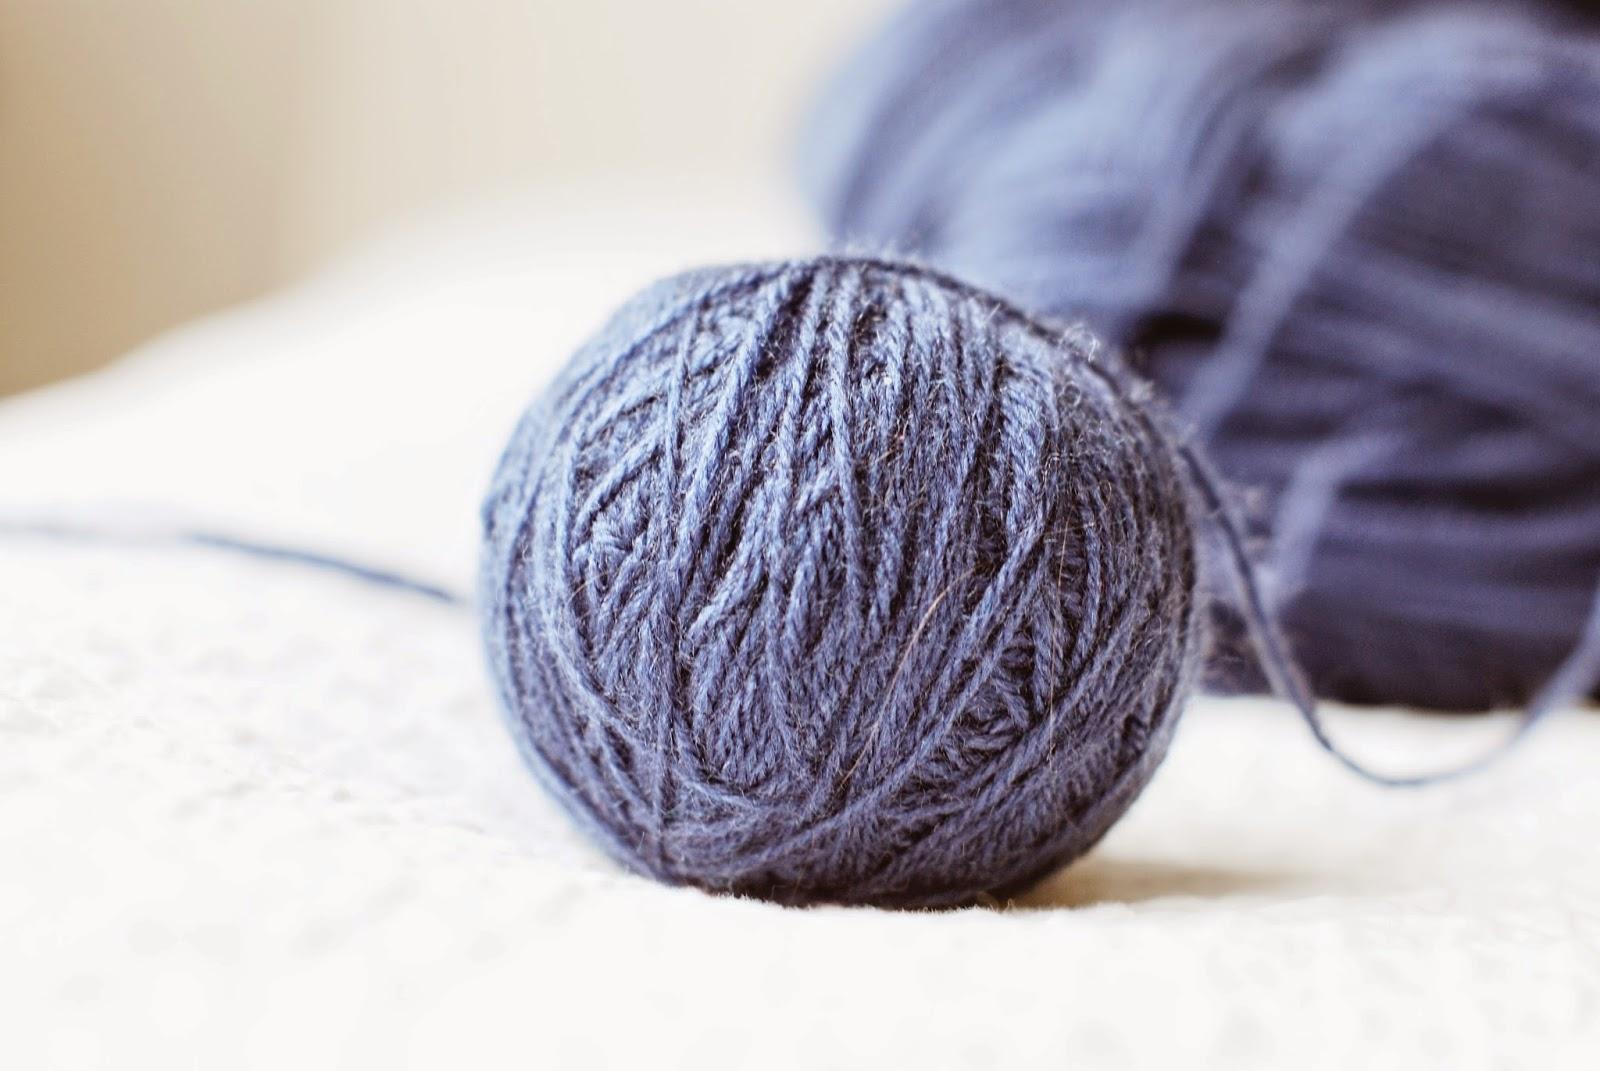 31 Tage ORDNUNG im Haushalt Challenge - Tag 28 - Wolle aussortieren